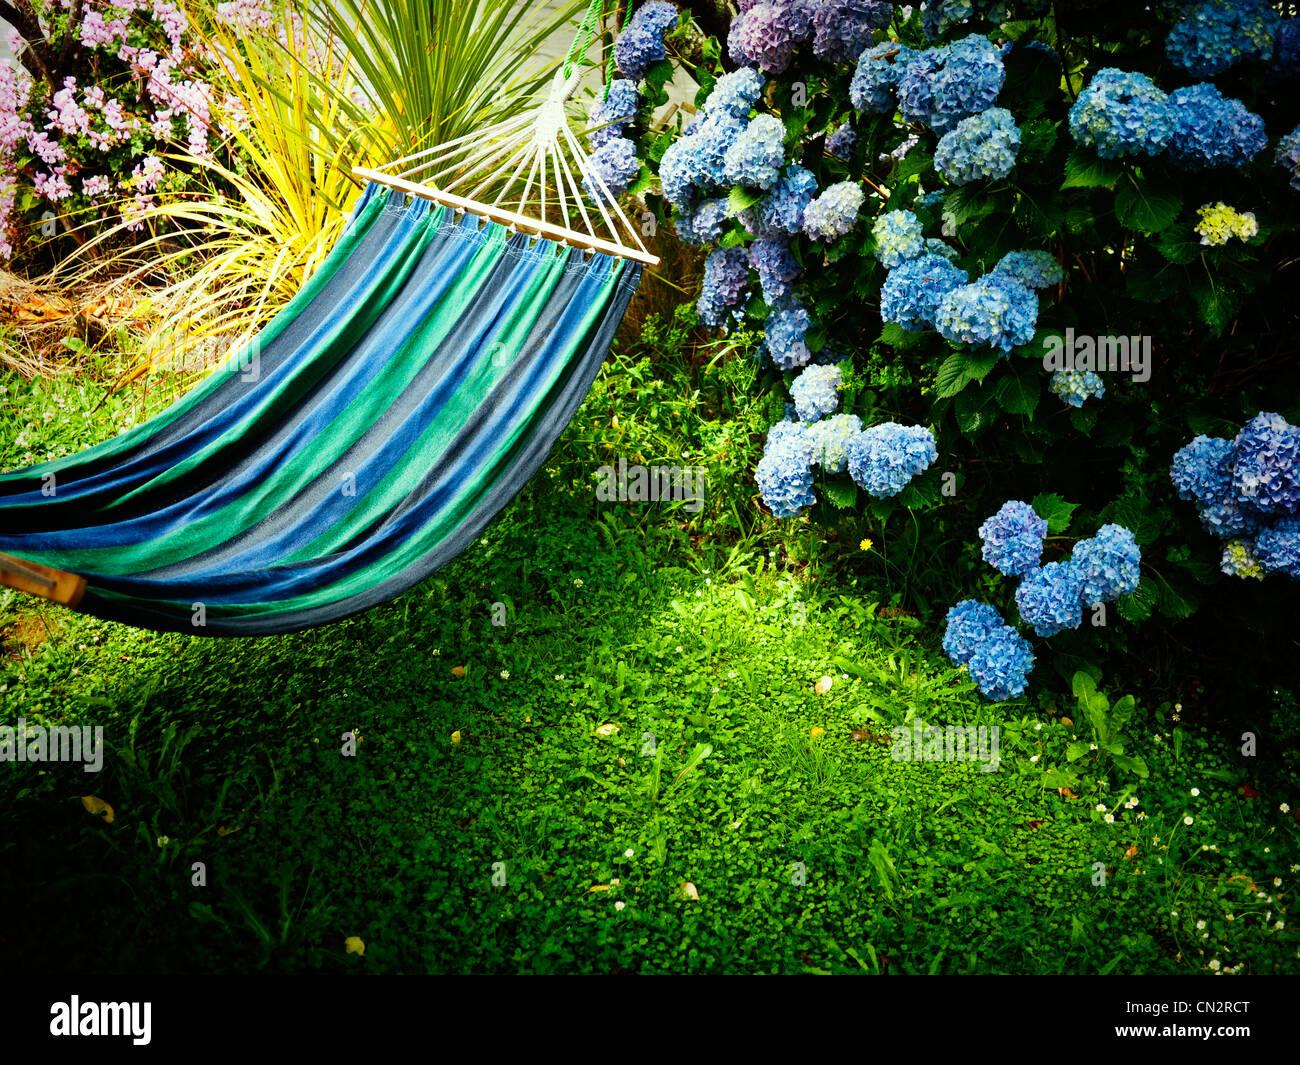 Verano en Nueva Zelanda: azul hamaca, césped y Hortensia. Imagen De Stock